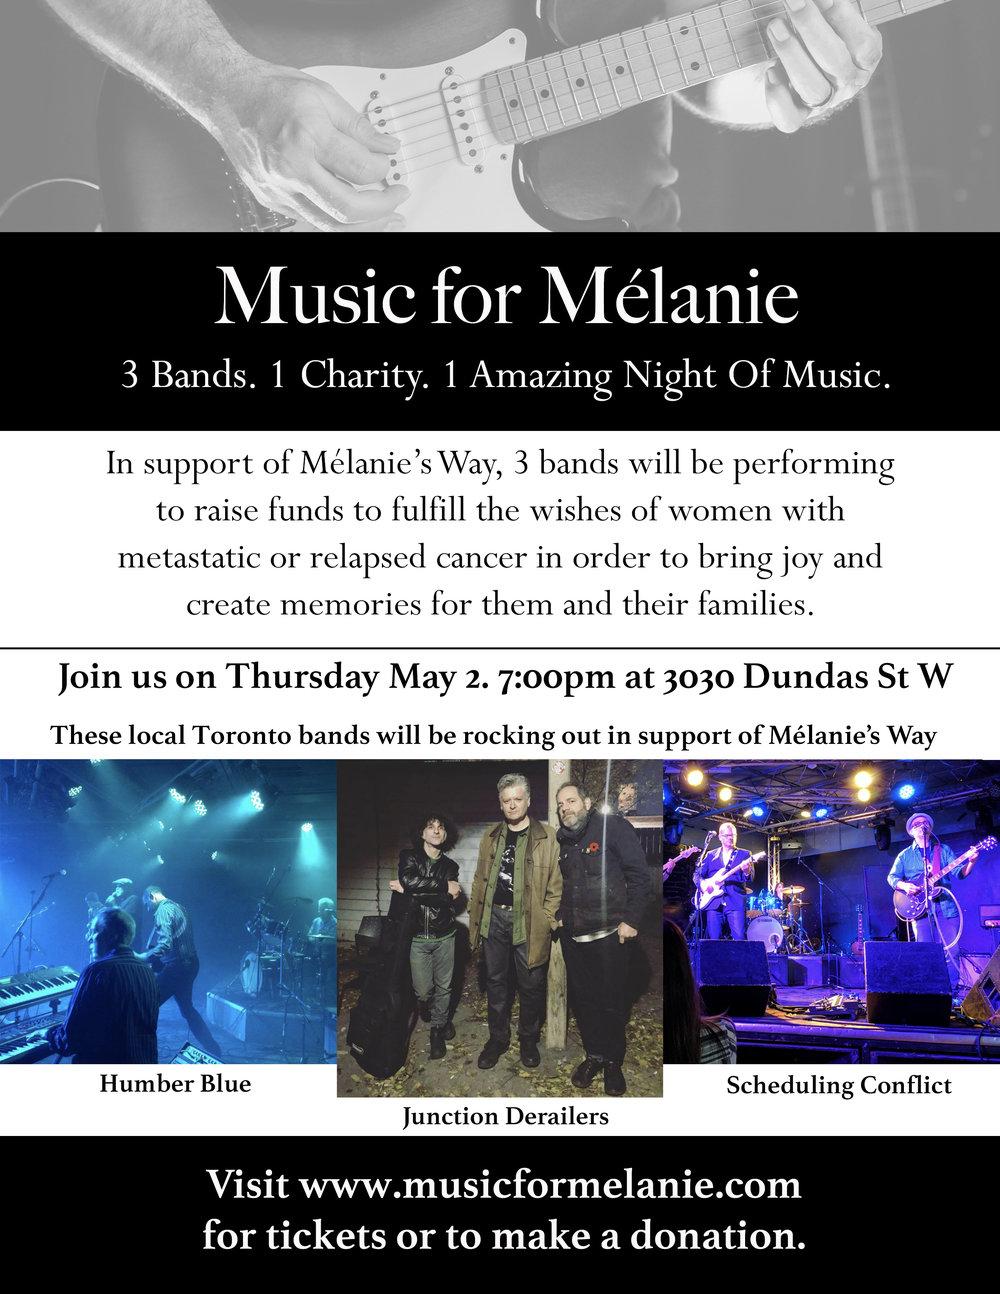 MUSIC FOR MELANIE.jpg